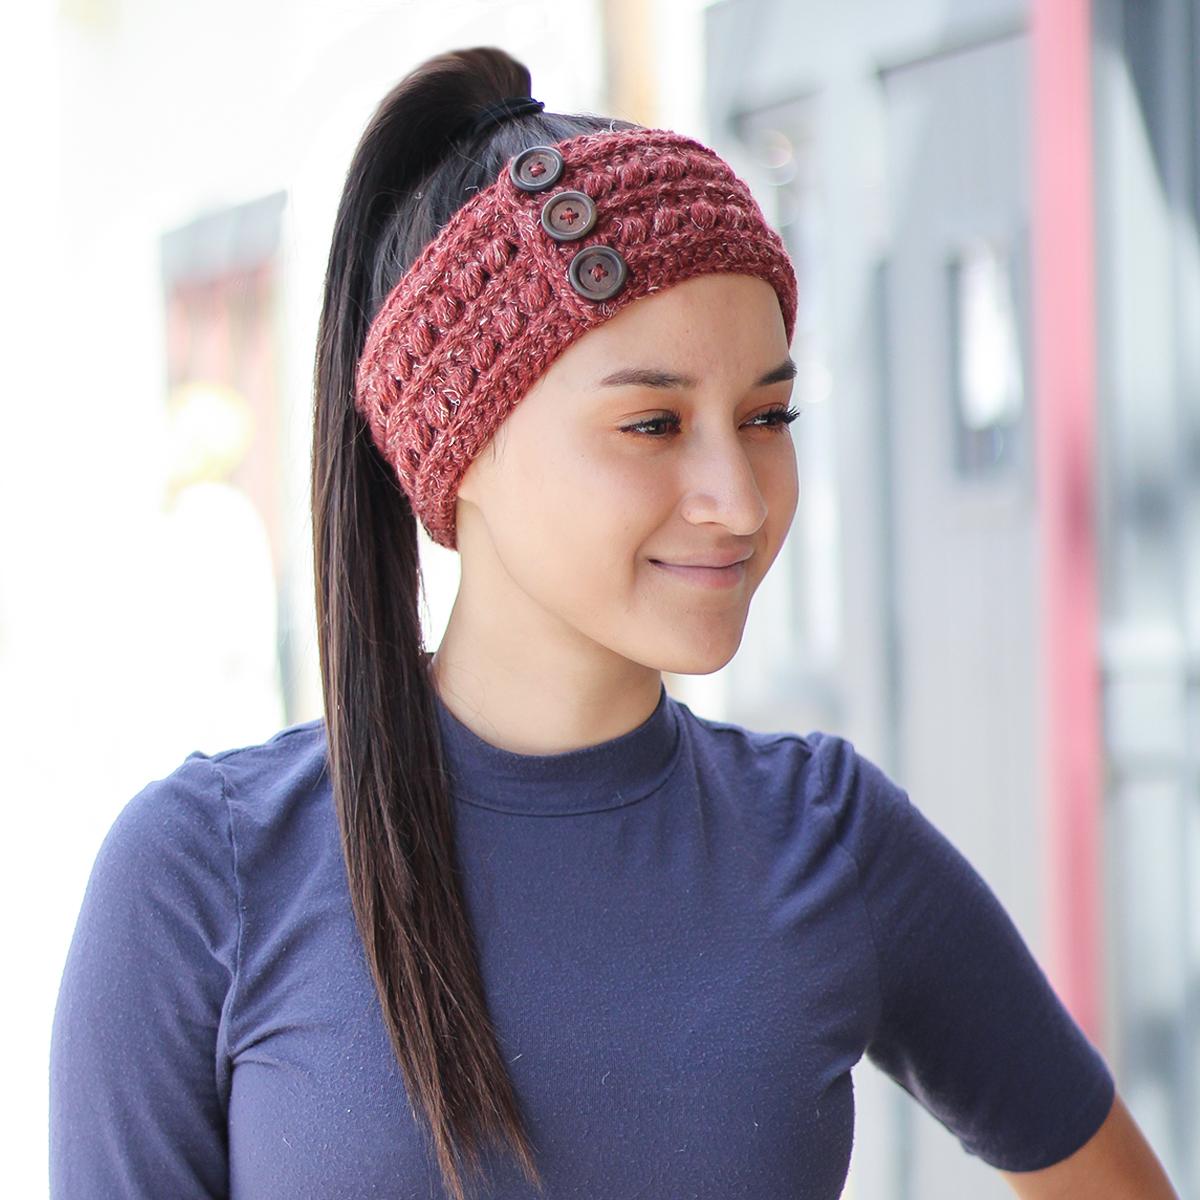 The Malia Earwarmer | Little Monkeys Crochet